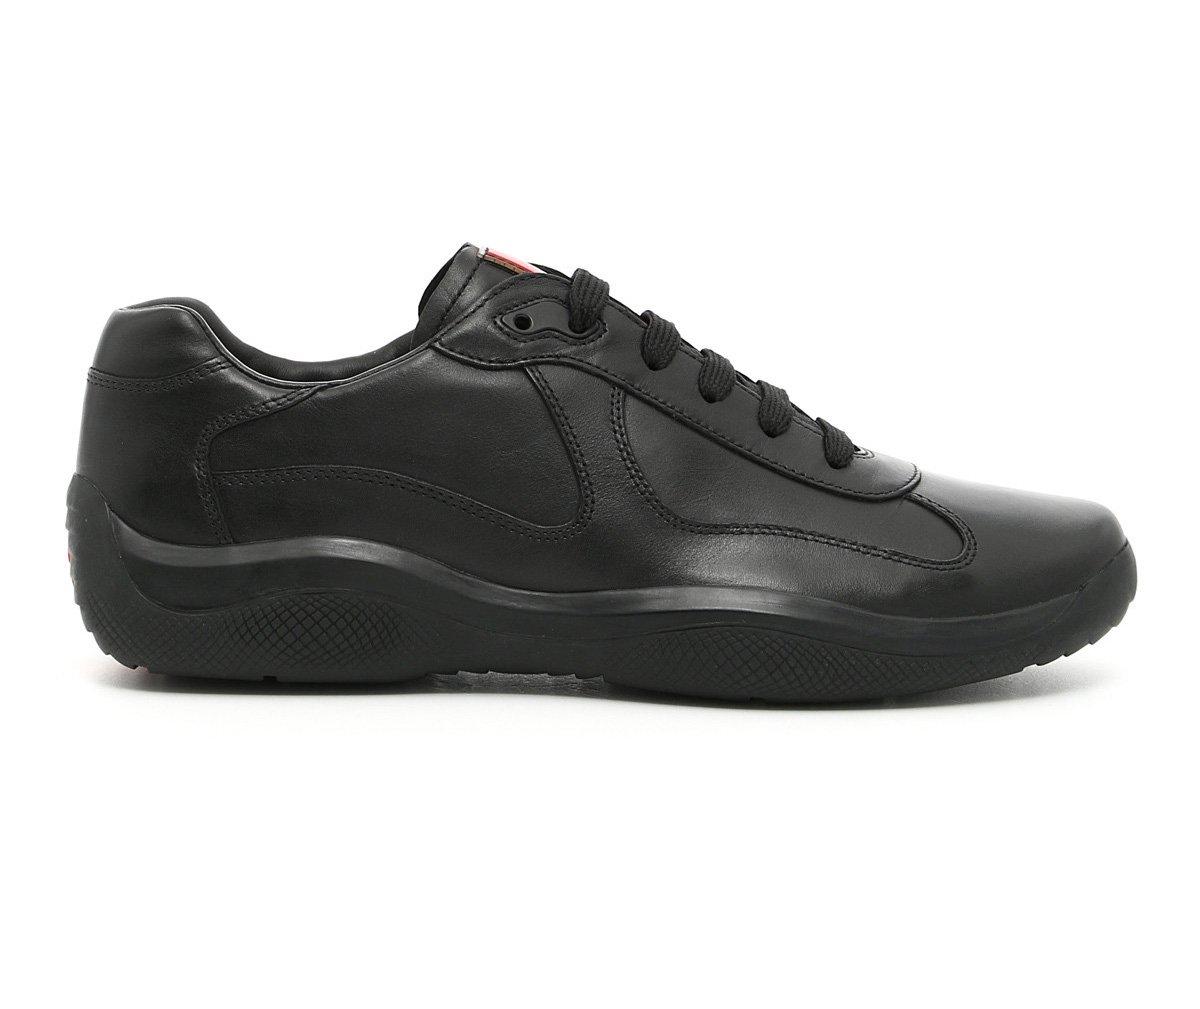 fd1e4f3961456 Galleon - Prada Men's 'America's Cup' Calf Leather Trainer Sneaker ...